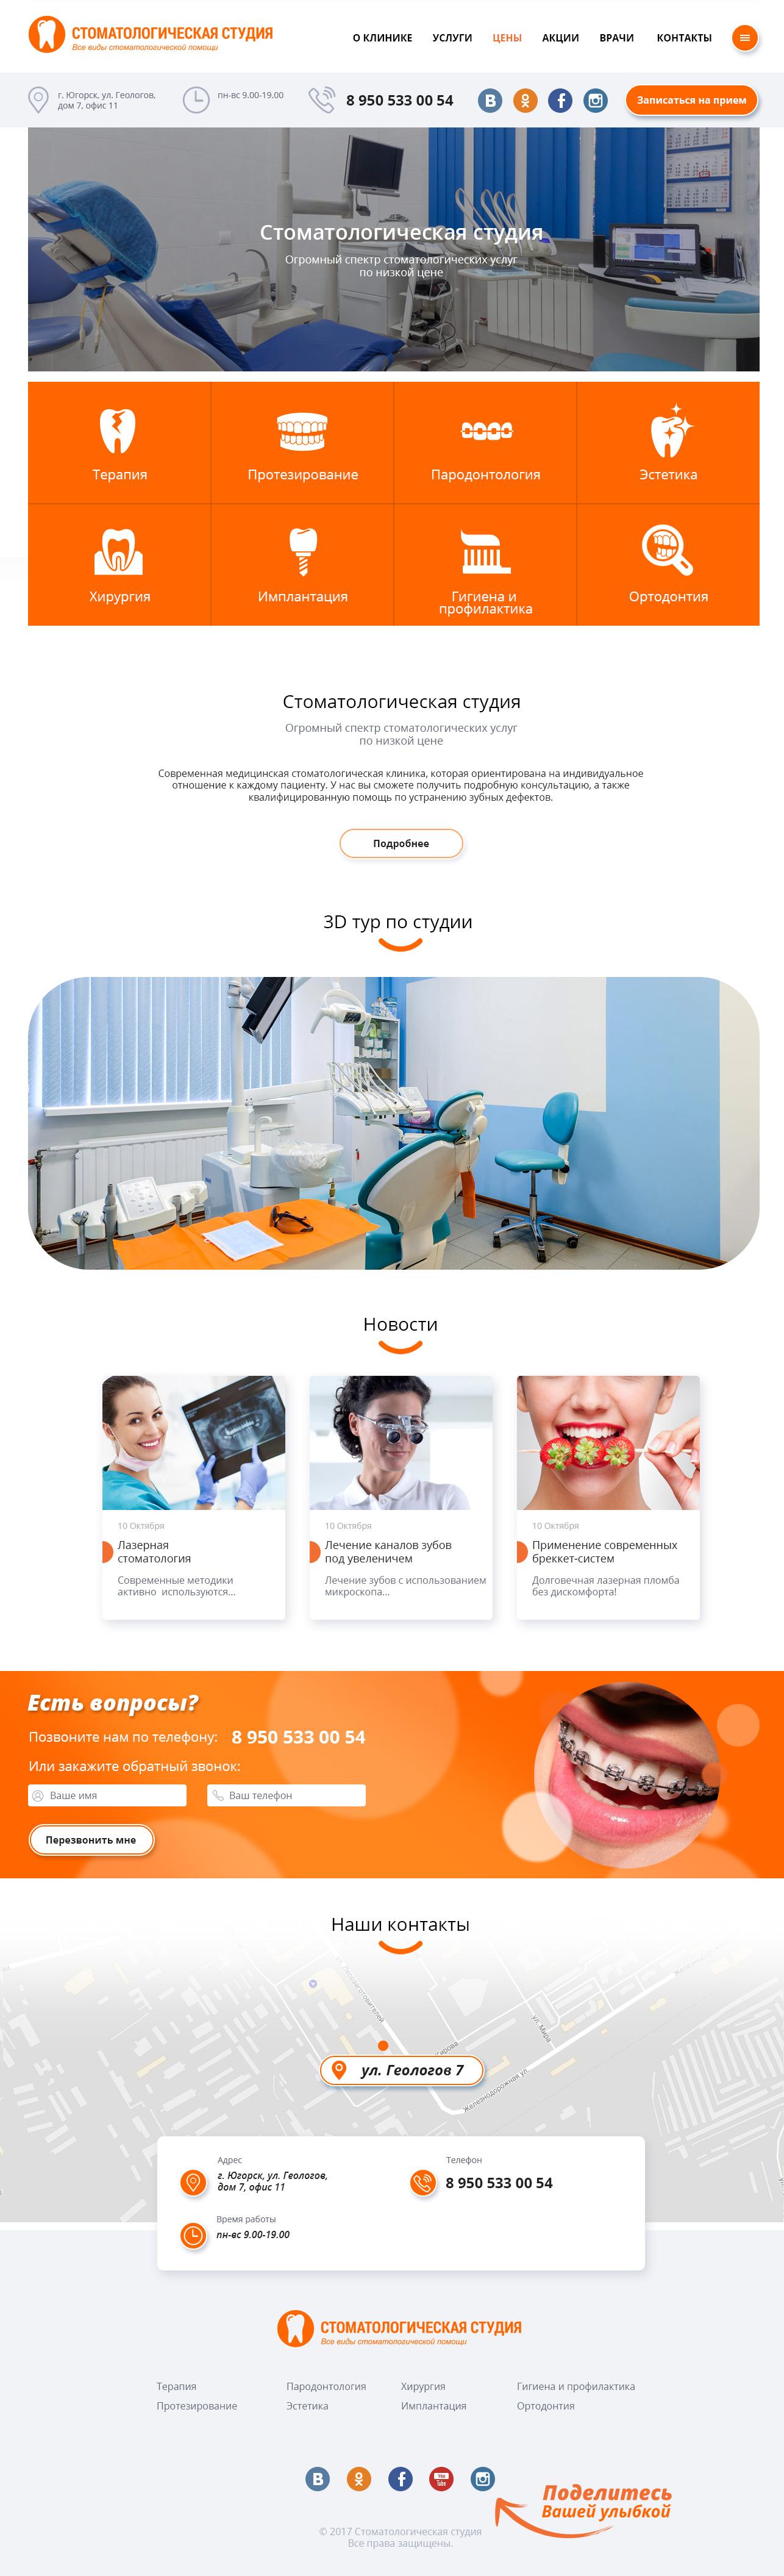 Стоматологическая студия